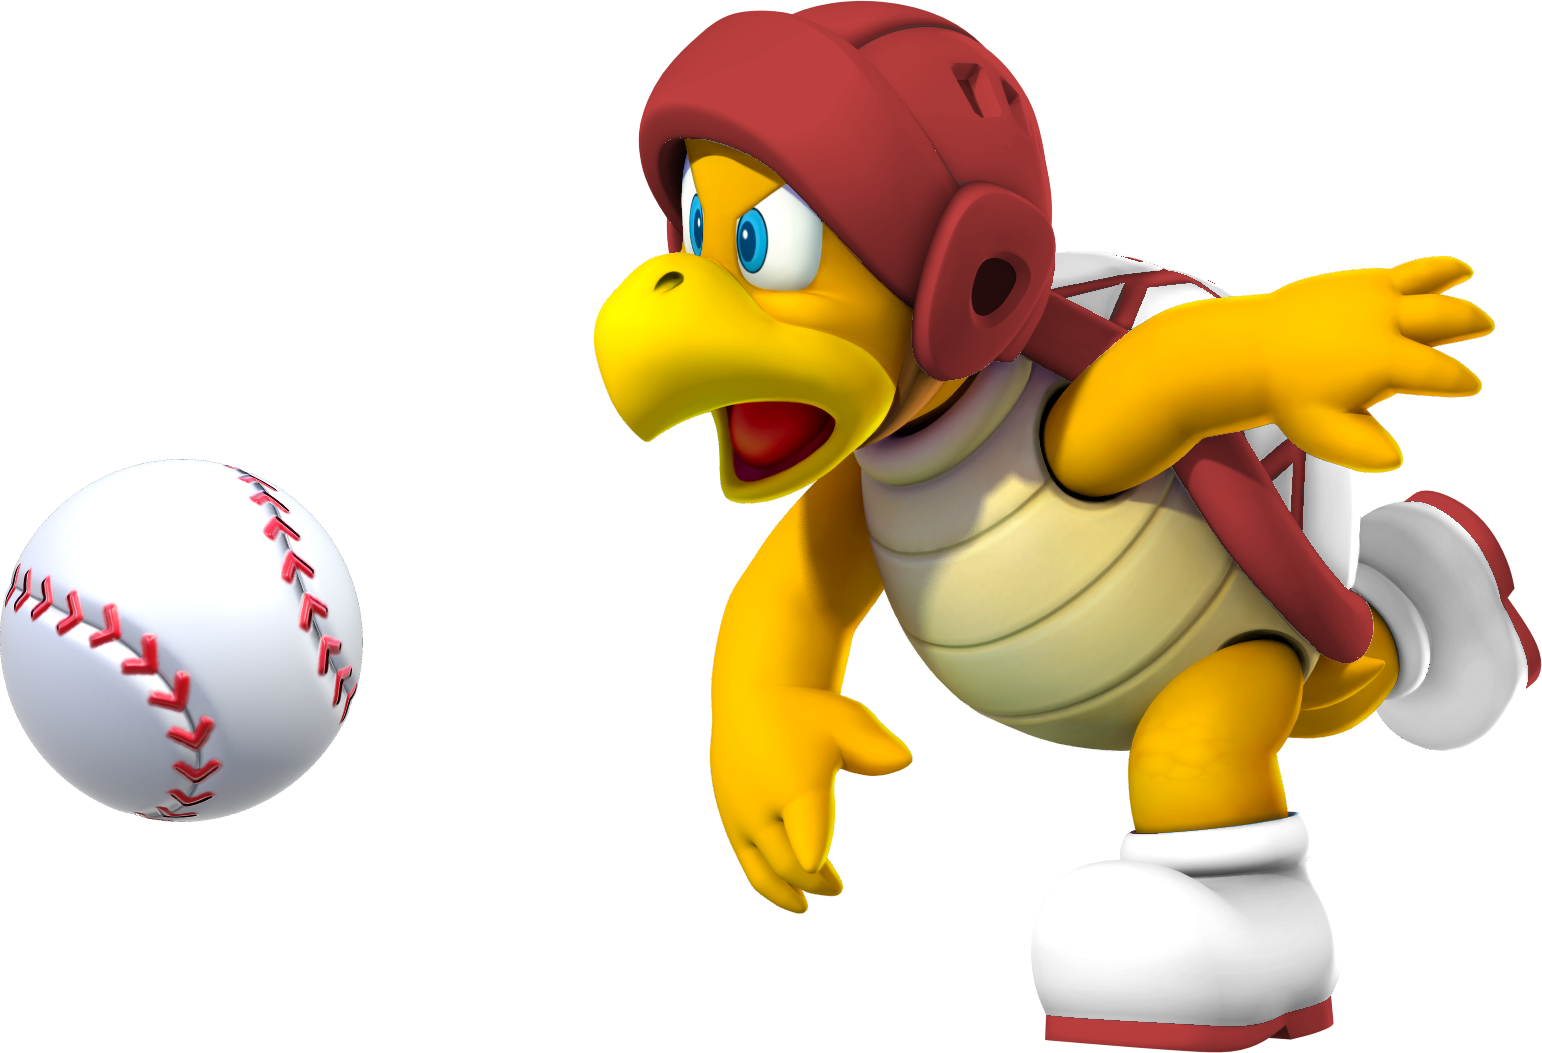 Baseball mascot clipart vector freeuse download Baseball Bro. | Fantendo - Nintendo Fanon Wiki | FANDOM powered by Wikia vector freeuse download